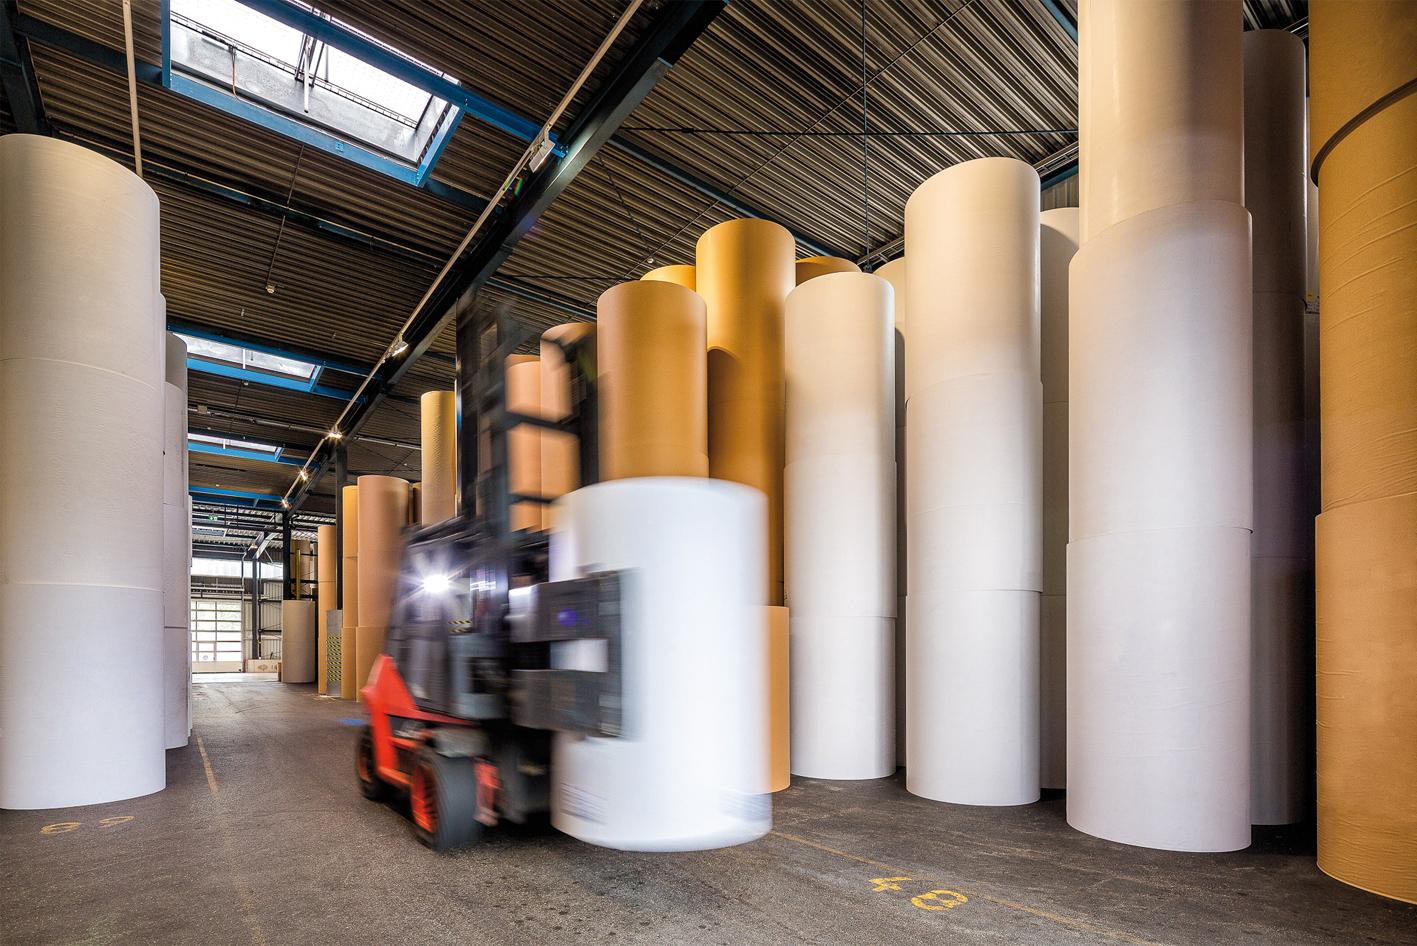 Im Lager sind die wichtigsten Papiere kundengerecht verpackt vorrätig. Nahezu 100 Prozent dieser Verpackungen landen über die Altpapiersammlung wieder im Produktionsprozess.